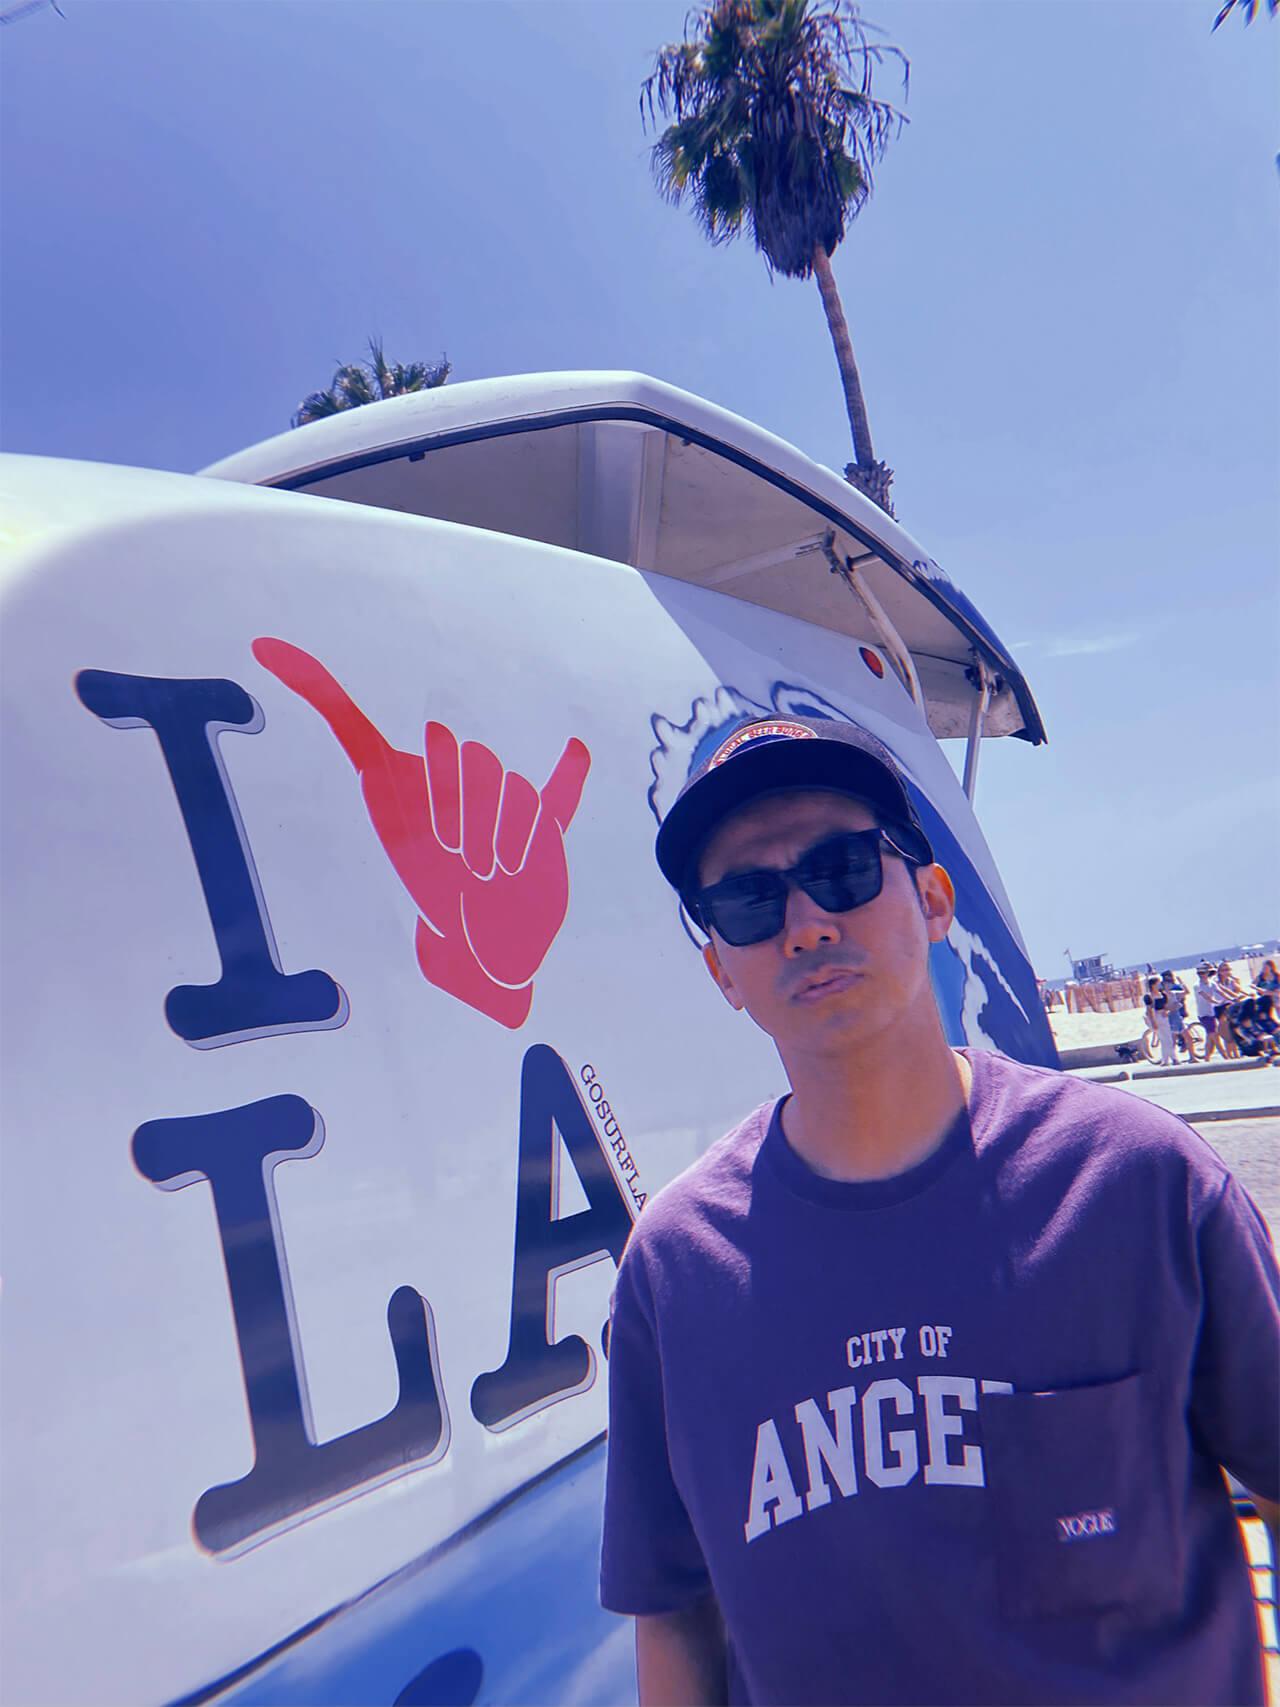 ピース綾部祐二のサンフランシスコ〜LAバイク旅を追う interview2110-yuji-ayabe-LA-6